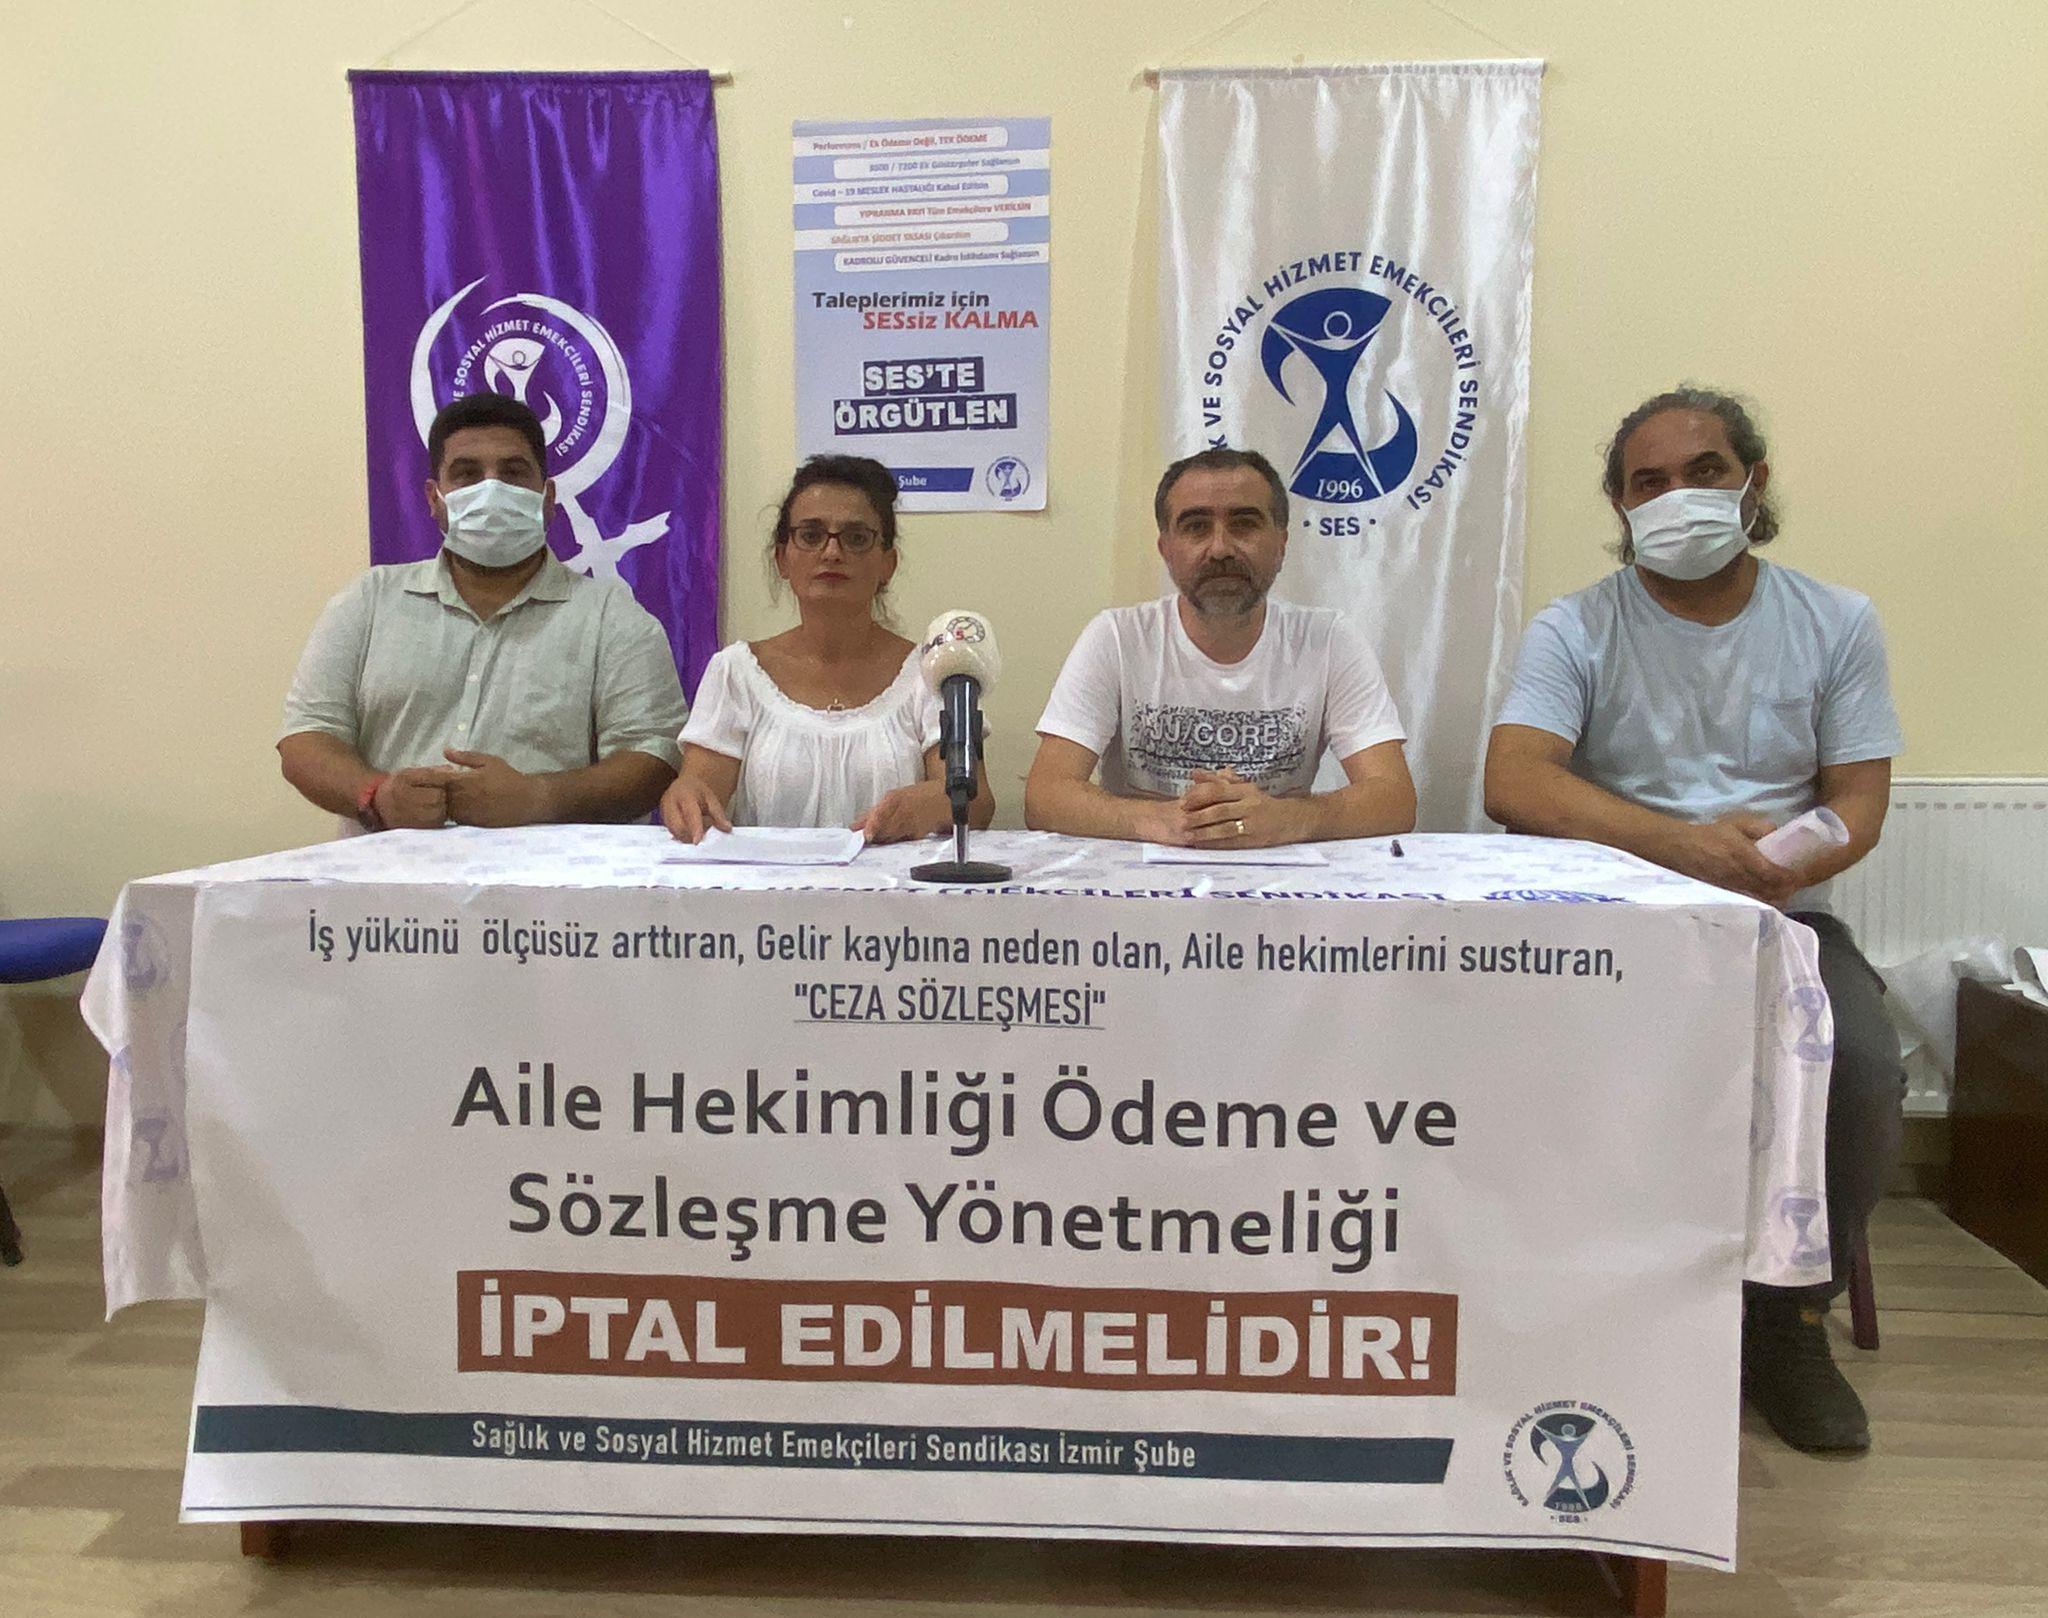 İzmir; Aile Hekimliği Ödeme ve Sözleşme Yönetmeliği İPTAL EDİLMELİDİR!